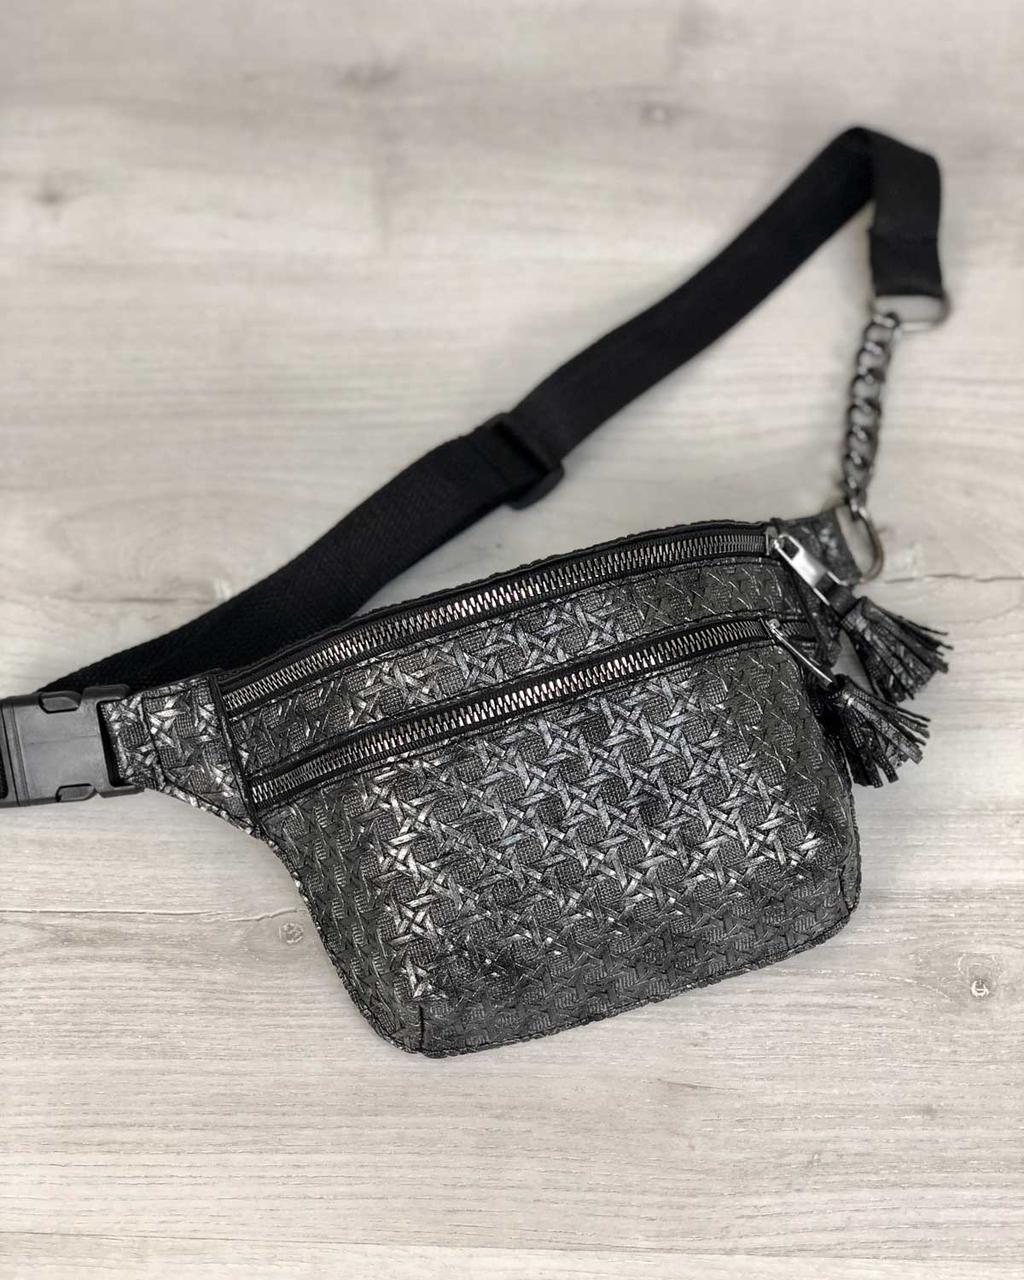 Стильная женская сумка на пояс Элен серебро, женская сумка бананка через плечо